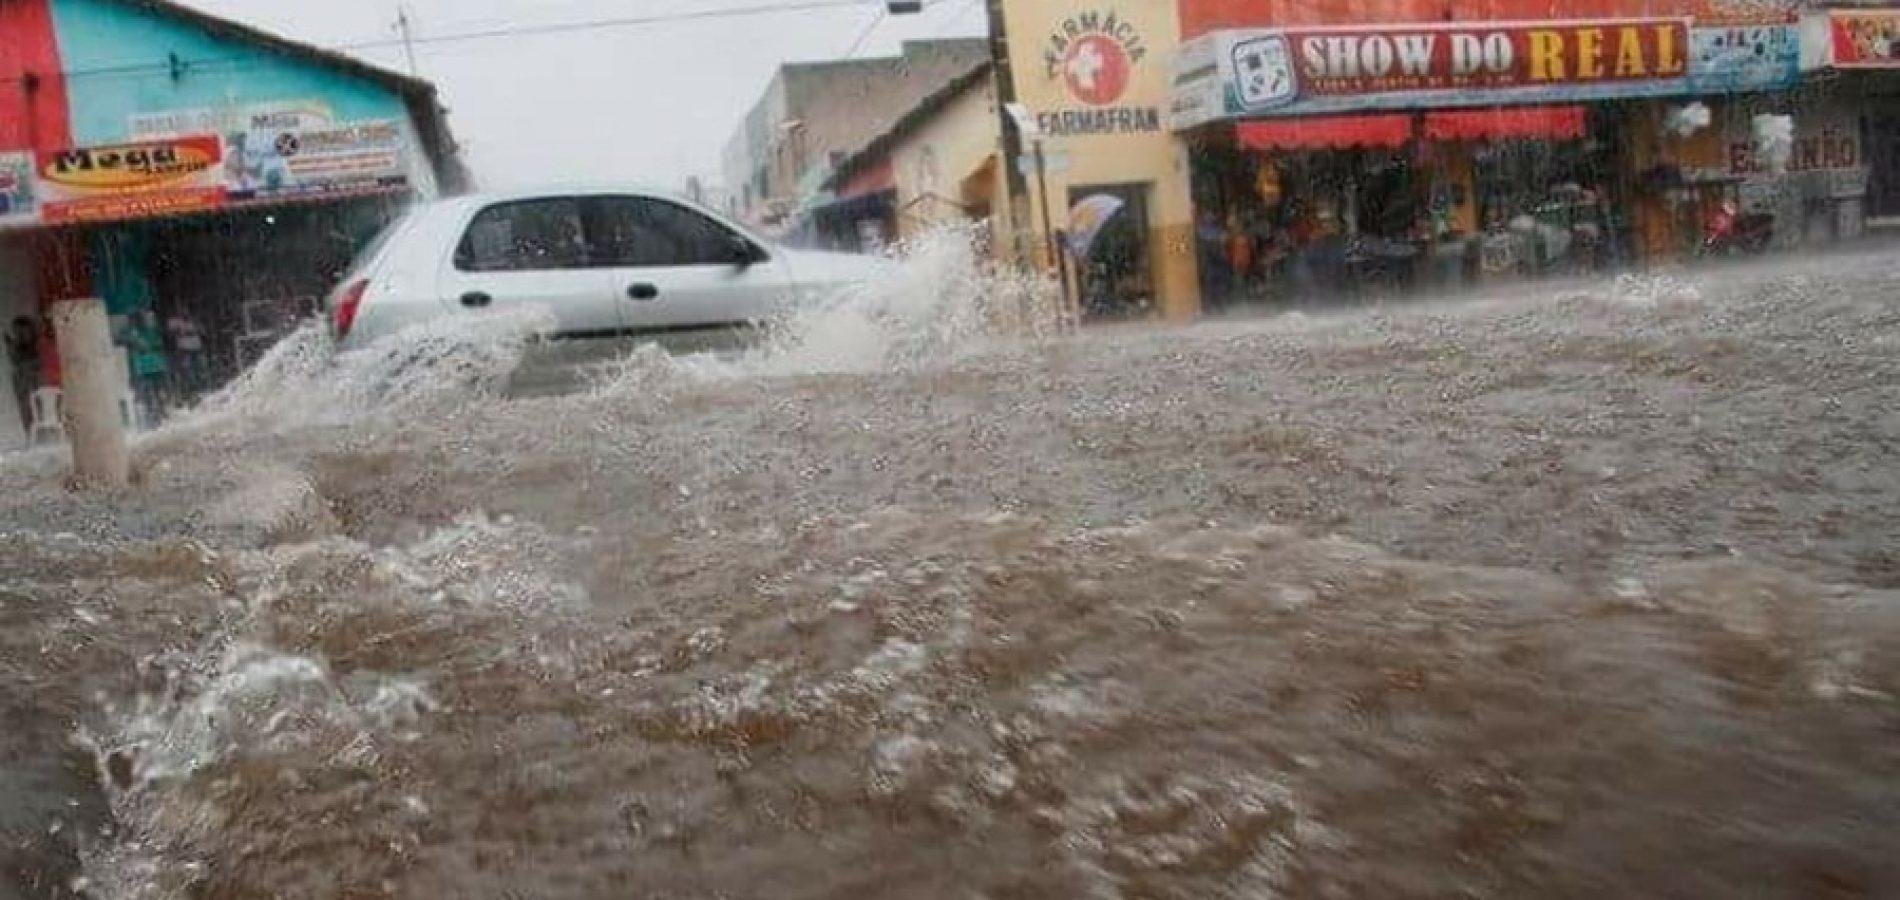 Forte chuva deixa ruas alagadas em município do interior do Piauí